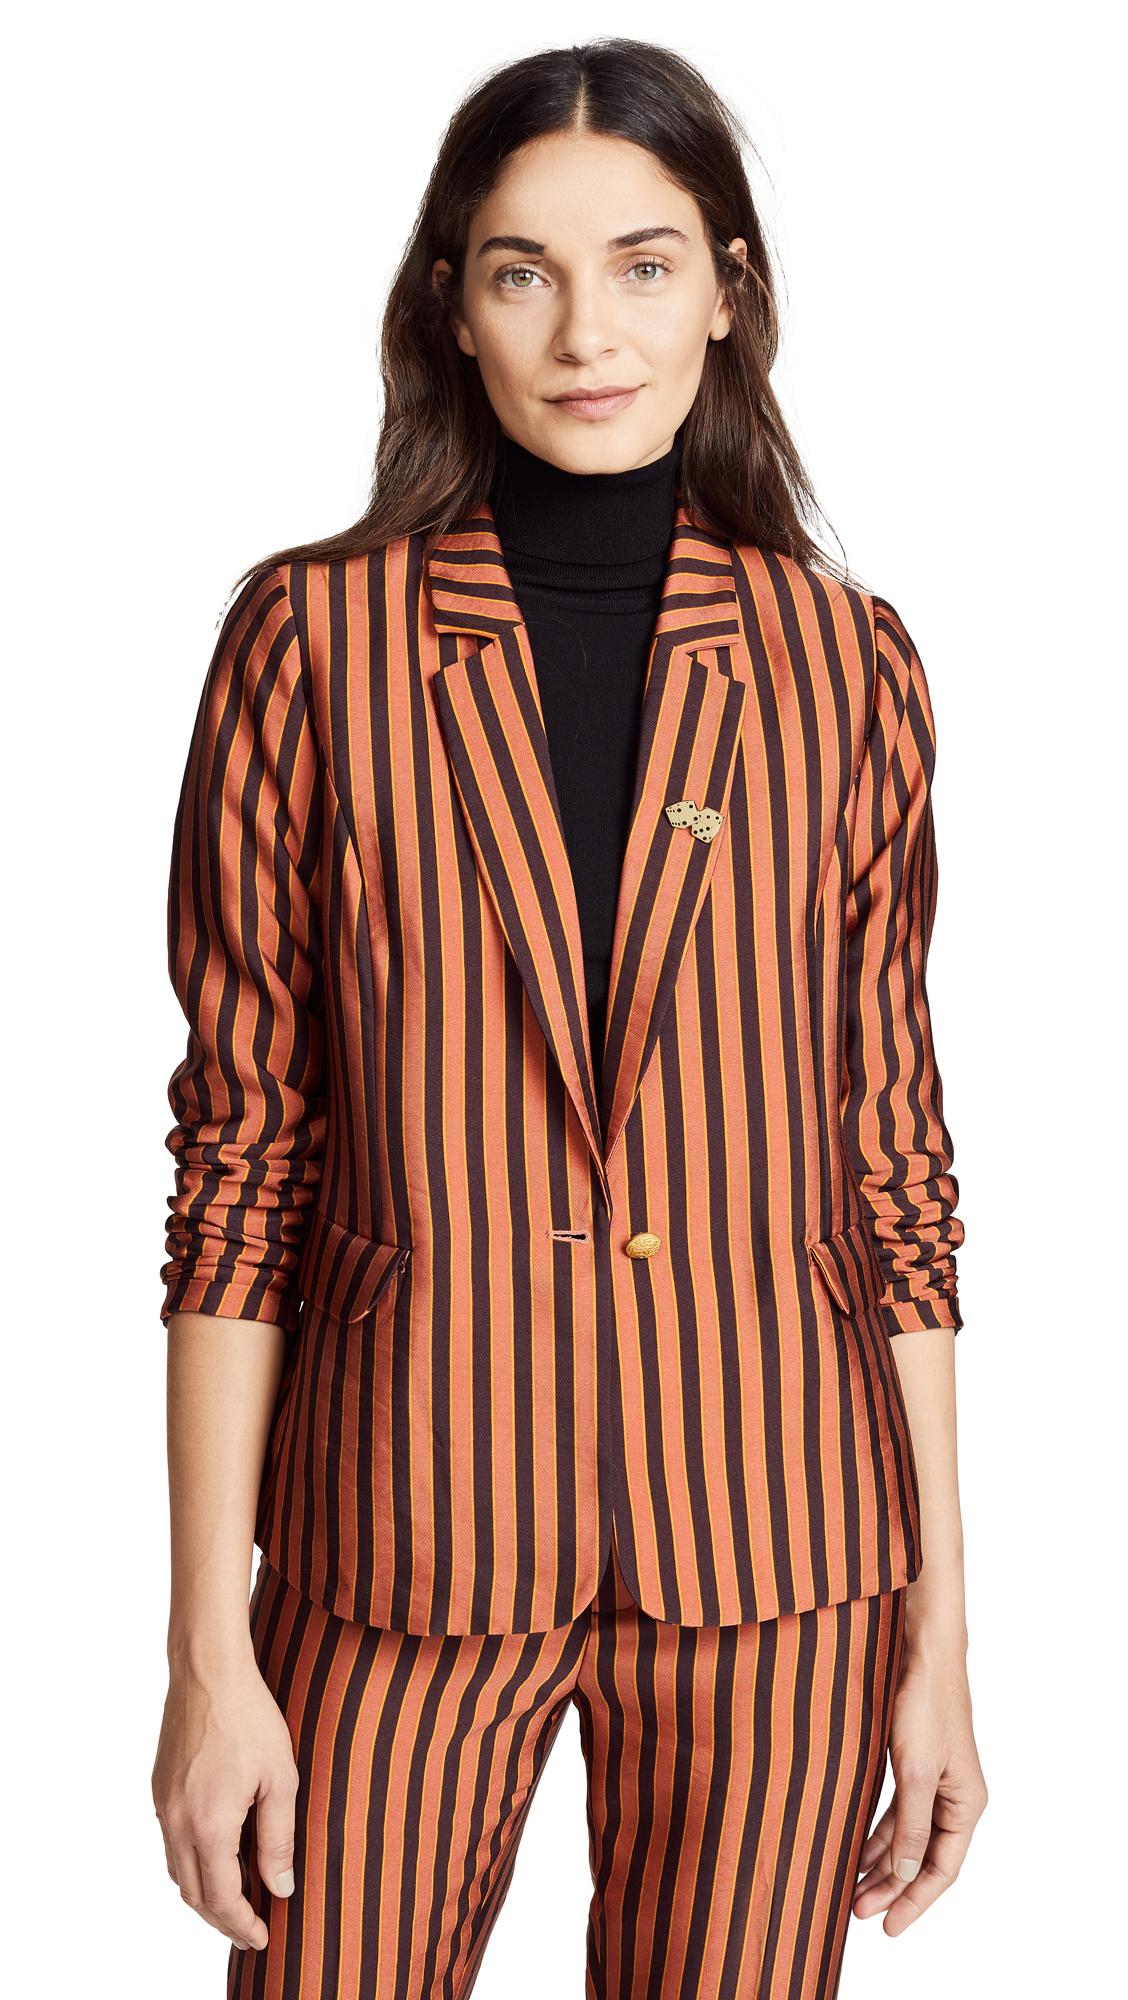 SCOTCH & SODA/MAISON SCOTCH Classic Striped Blazer in Combo S